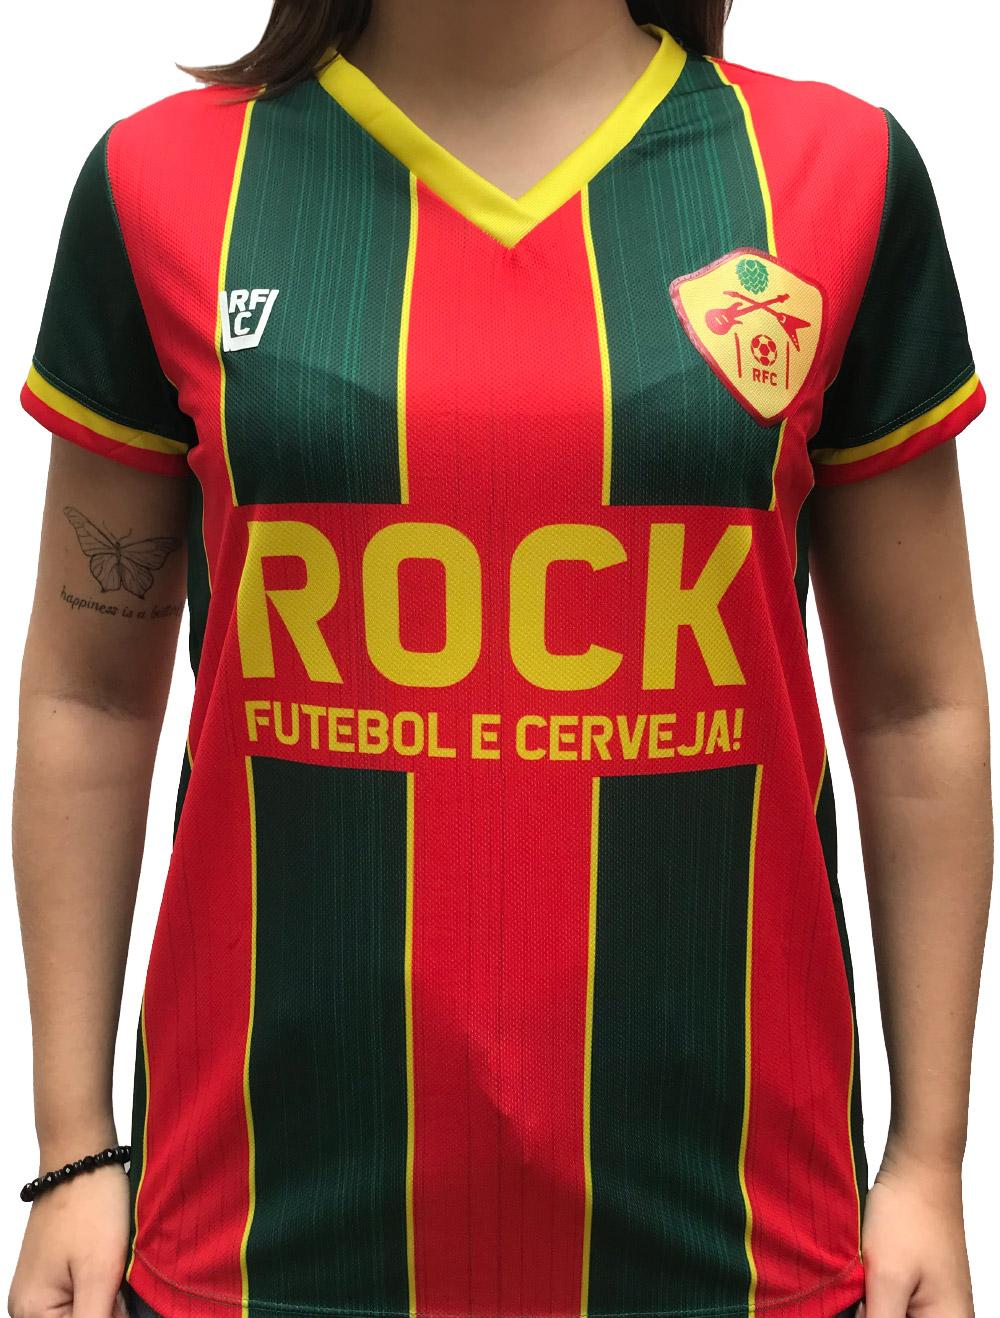 CAMISA DE FUTEBOL ROCK, FUTEBOL E CERVEJA - SAMPAIO CORRÊA